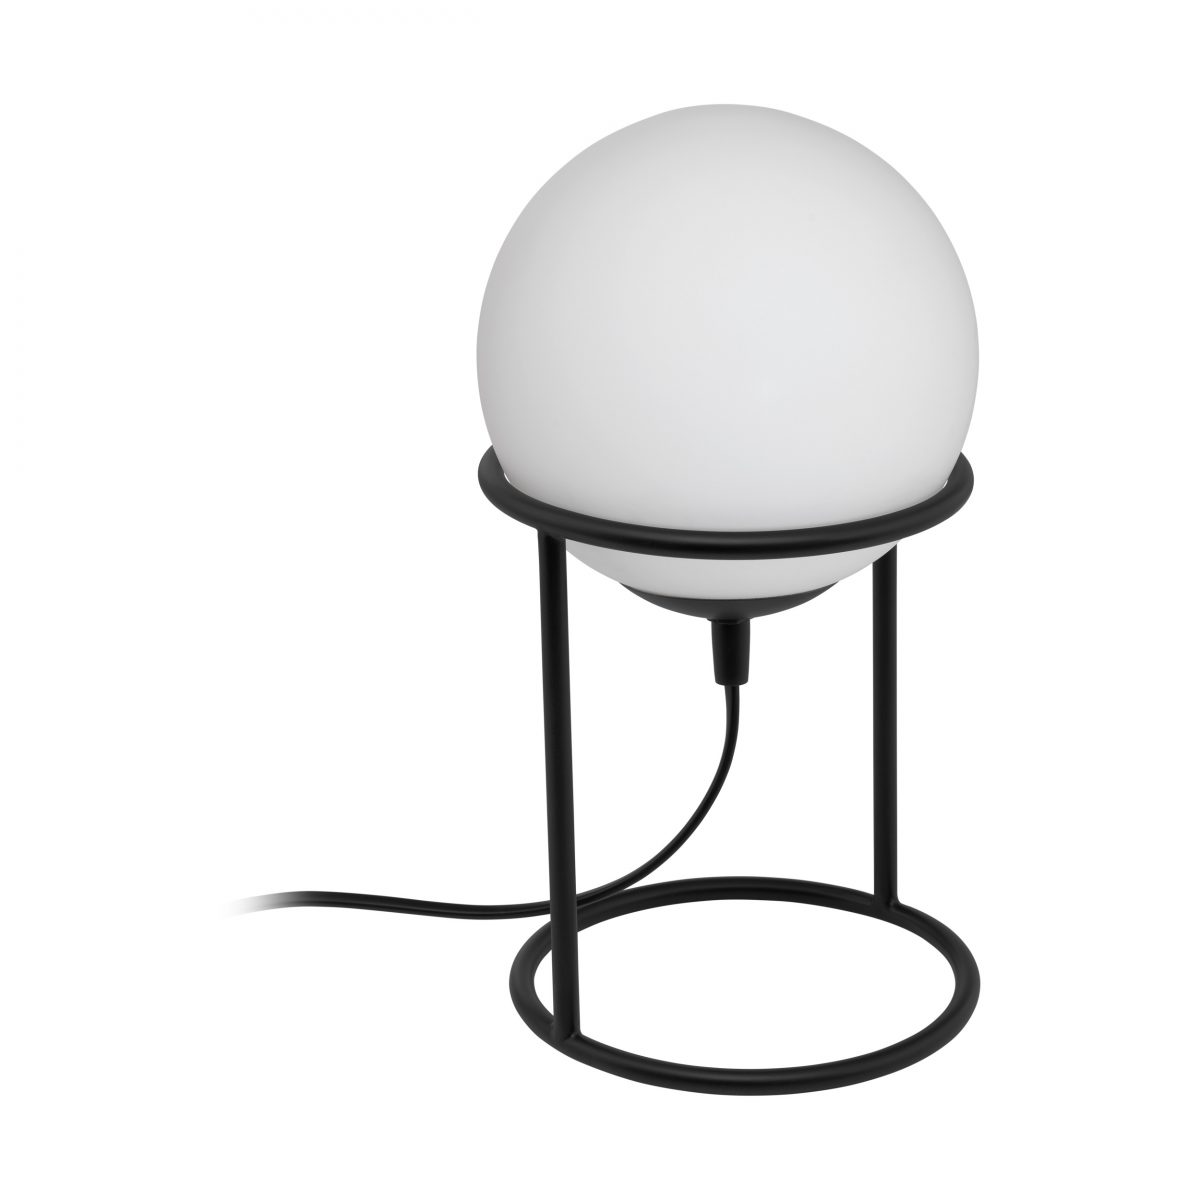 Настольная лампа CASTELLATO 1 EGLO 97331 - Фото №28